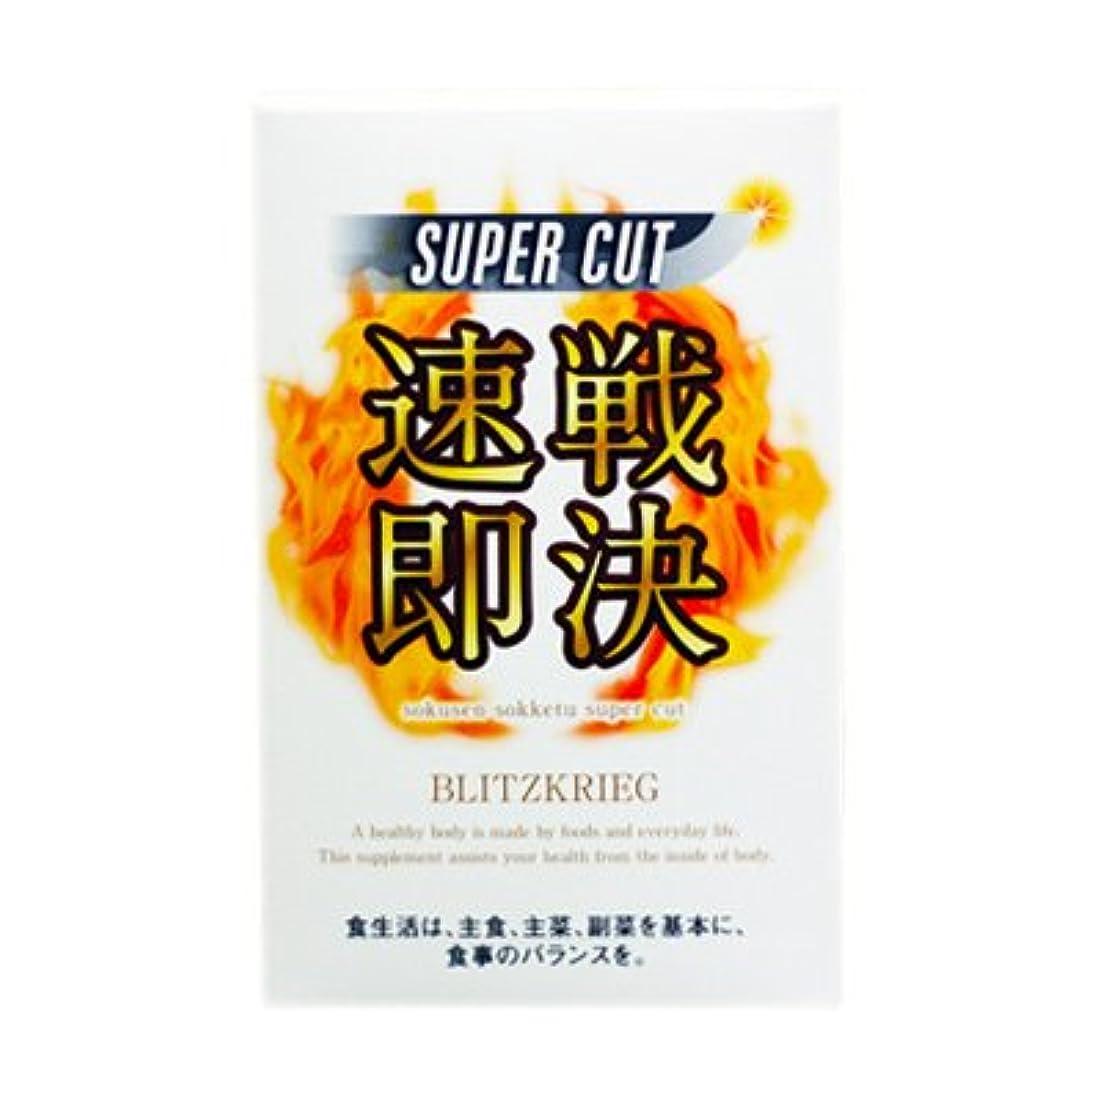 割れ目通行人潮速戦即決 スーパーカット そくせんそっけつ SUPER CUT